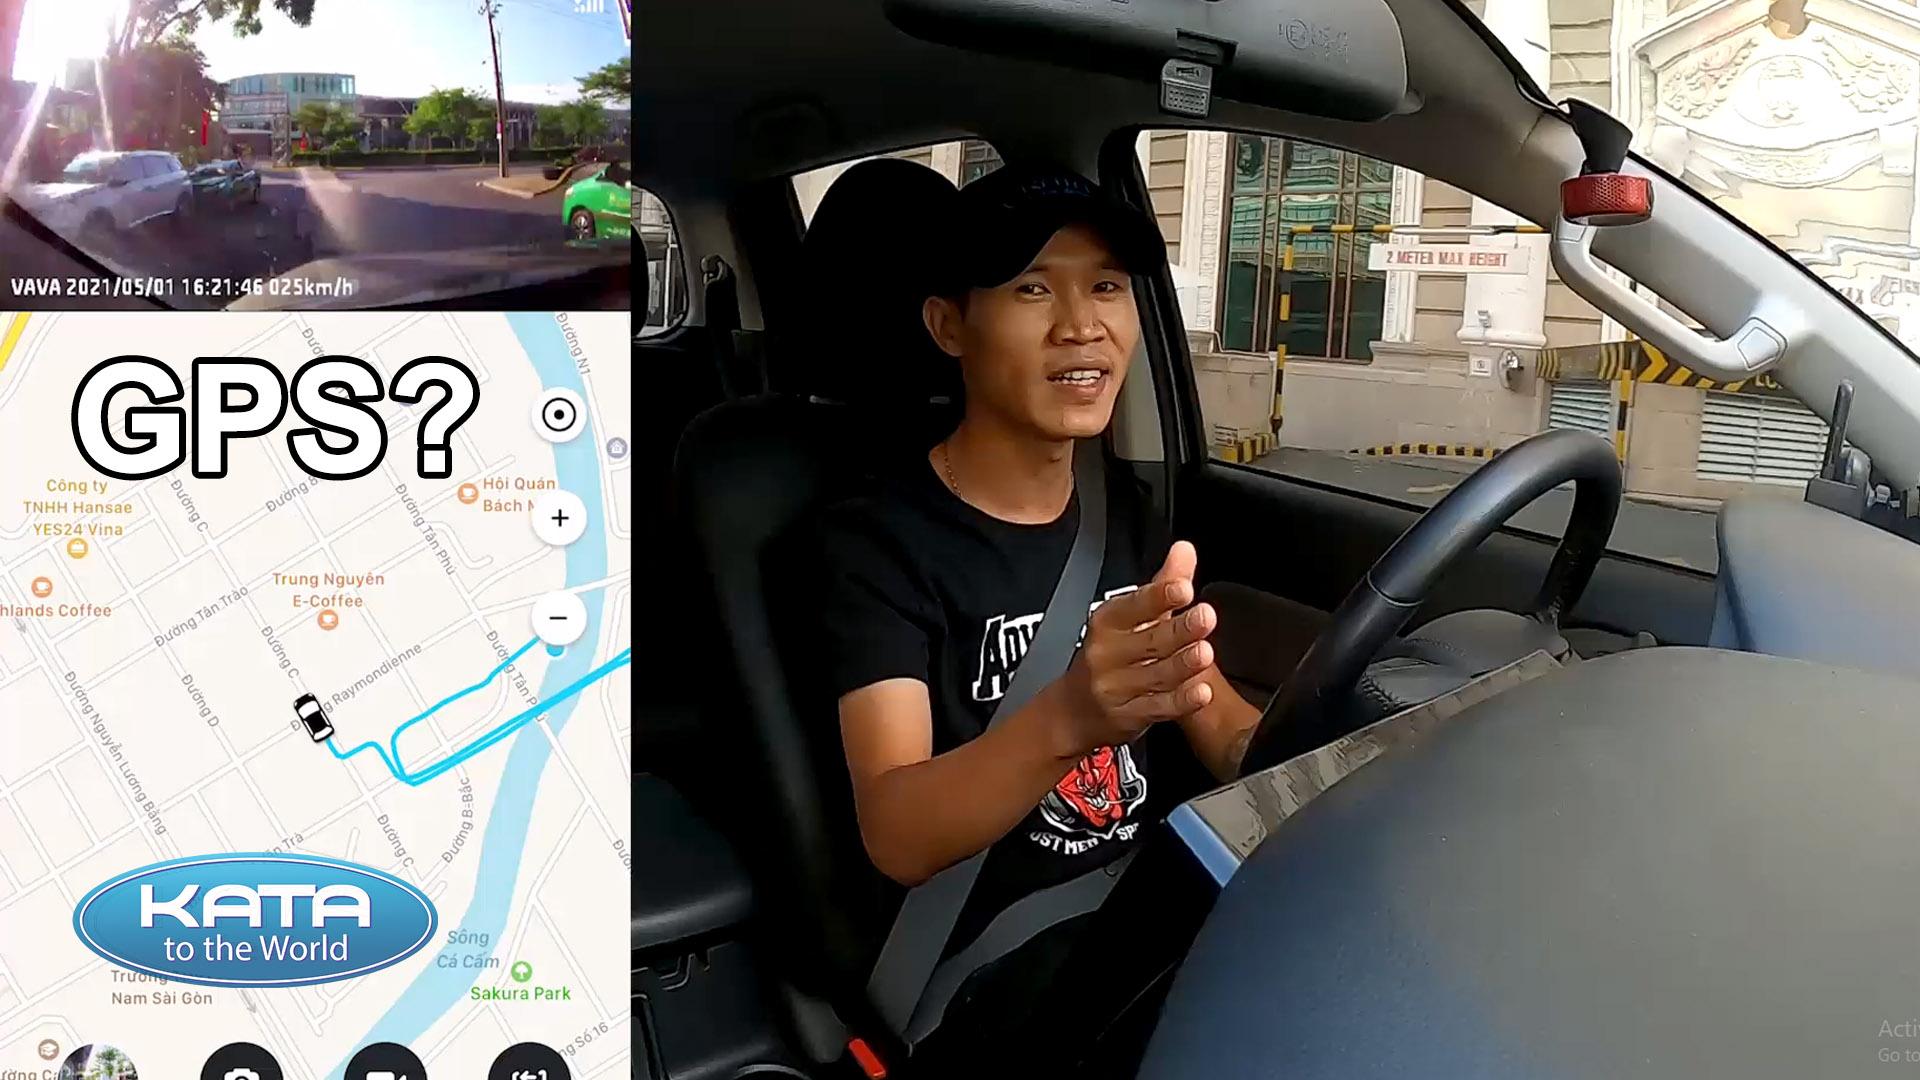 GPS trên camera hành trình VAVA